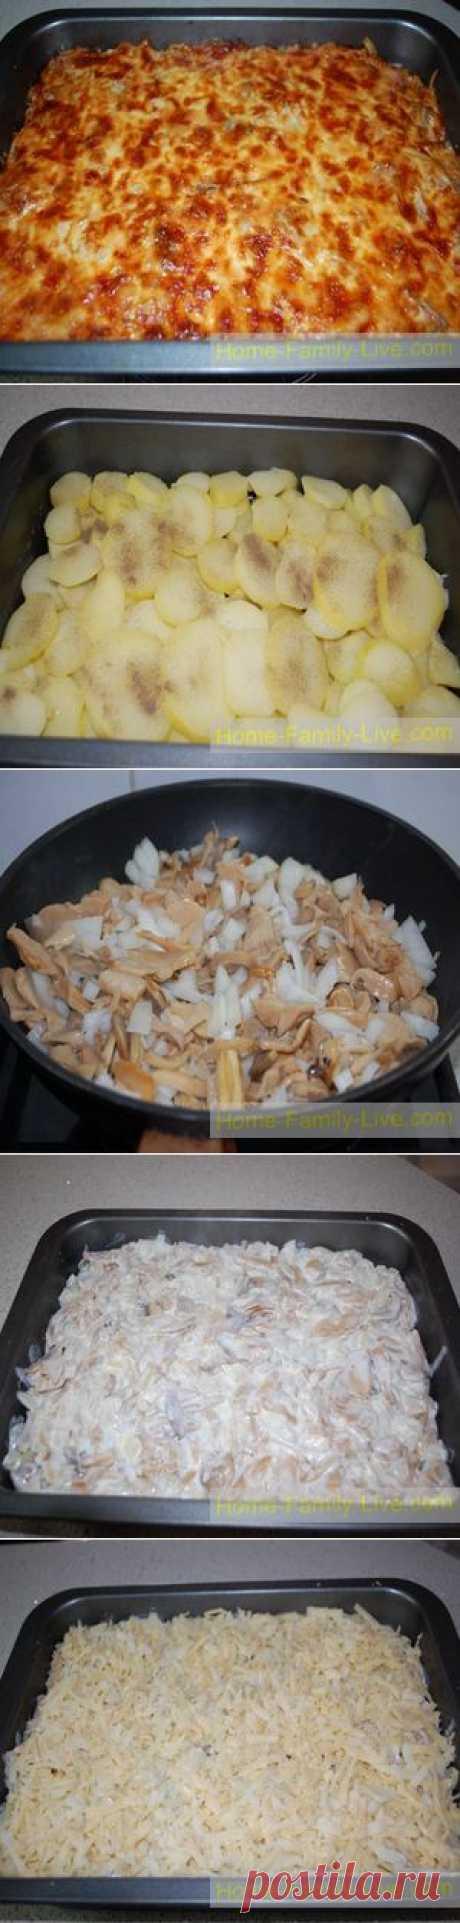 Запеченная картошка с грибами - Кулинарные рецепты